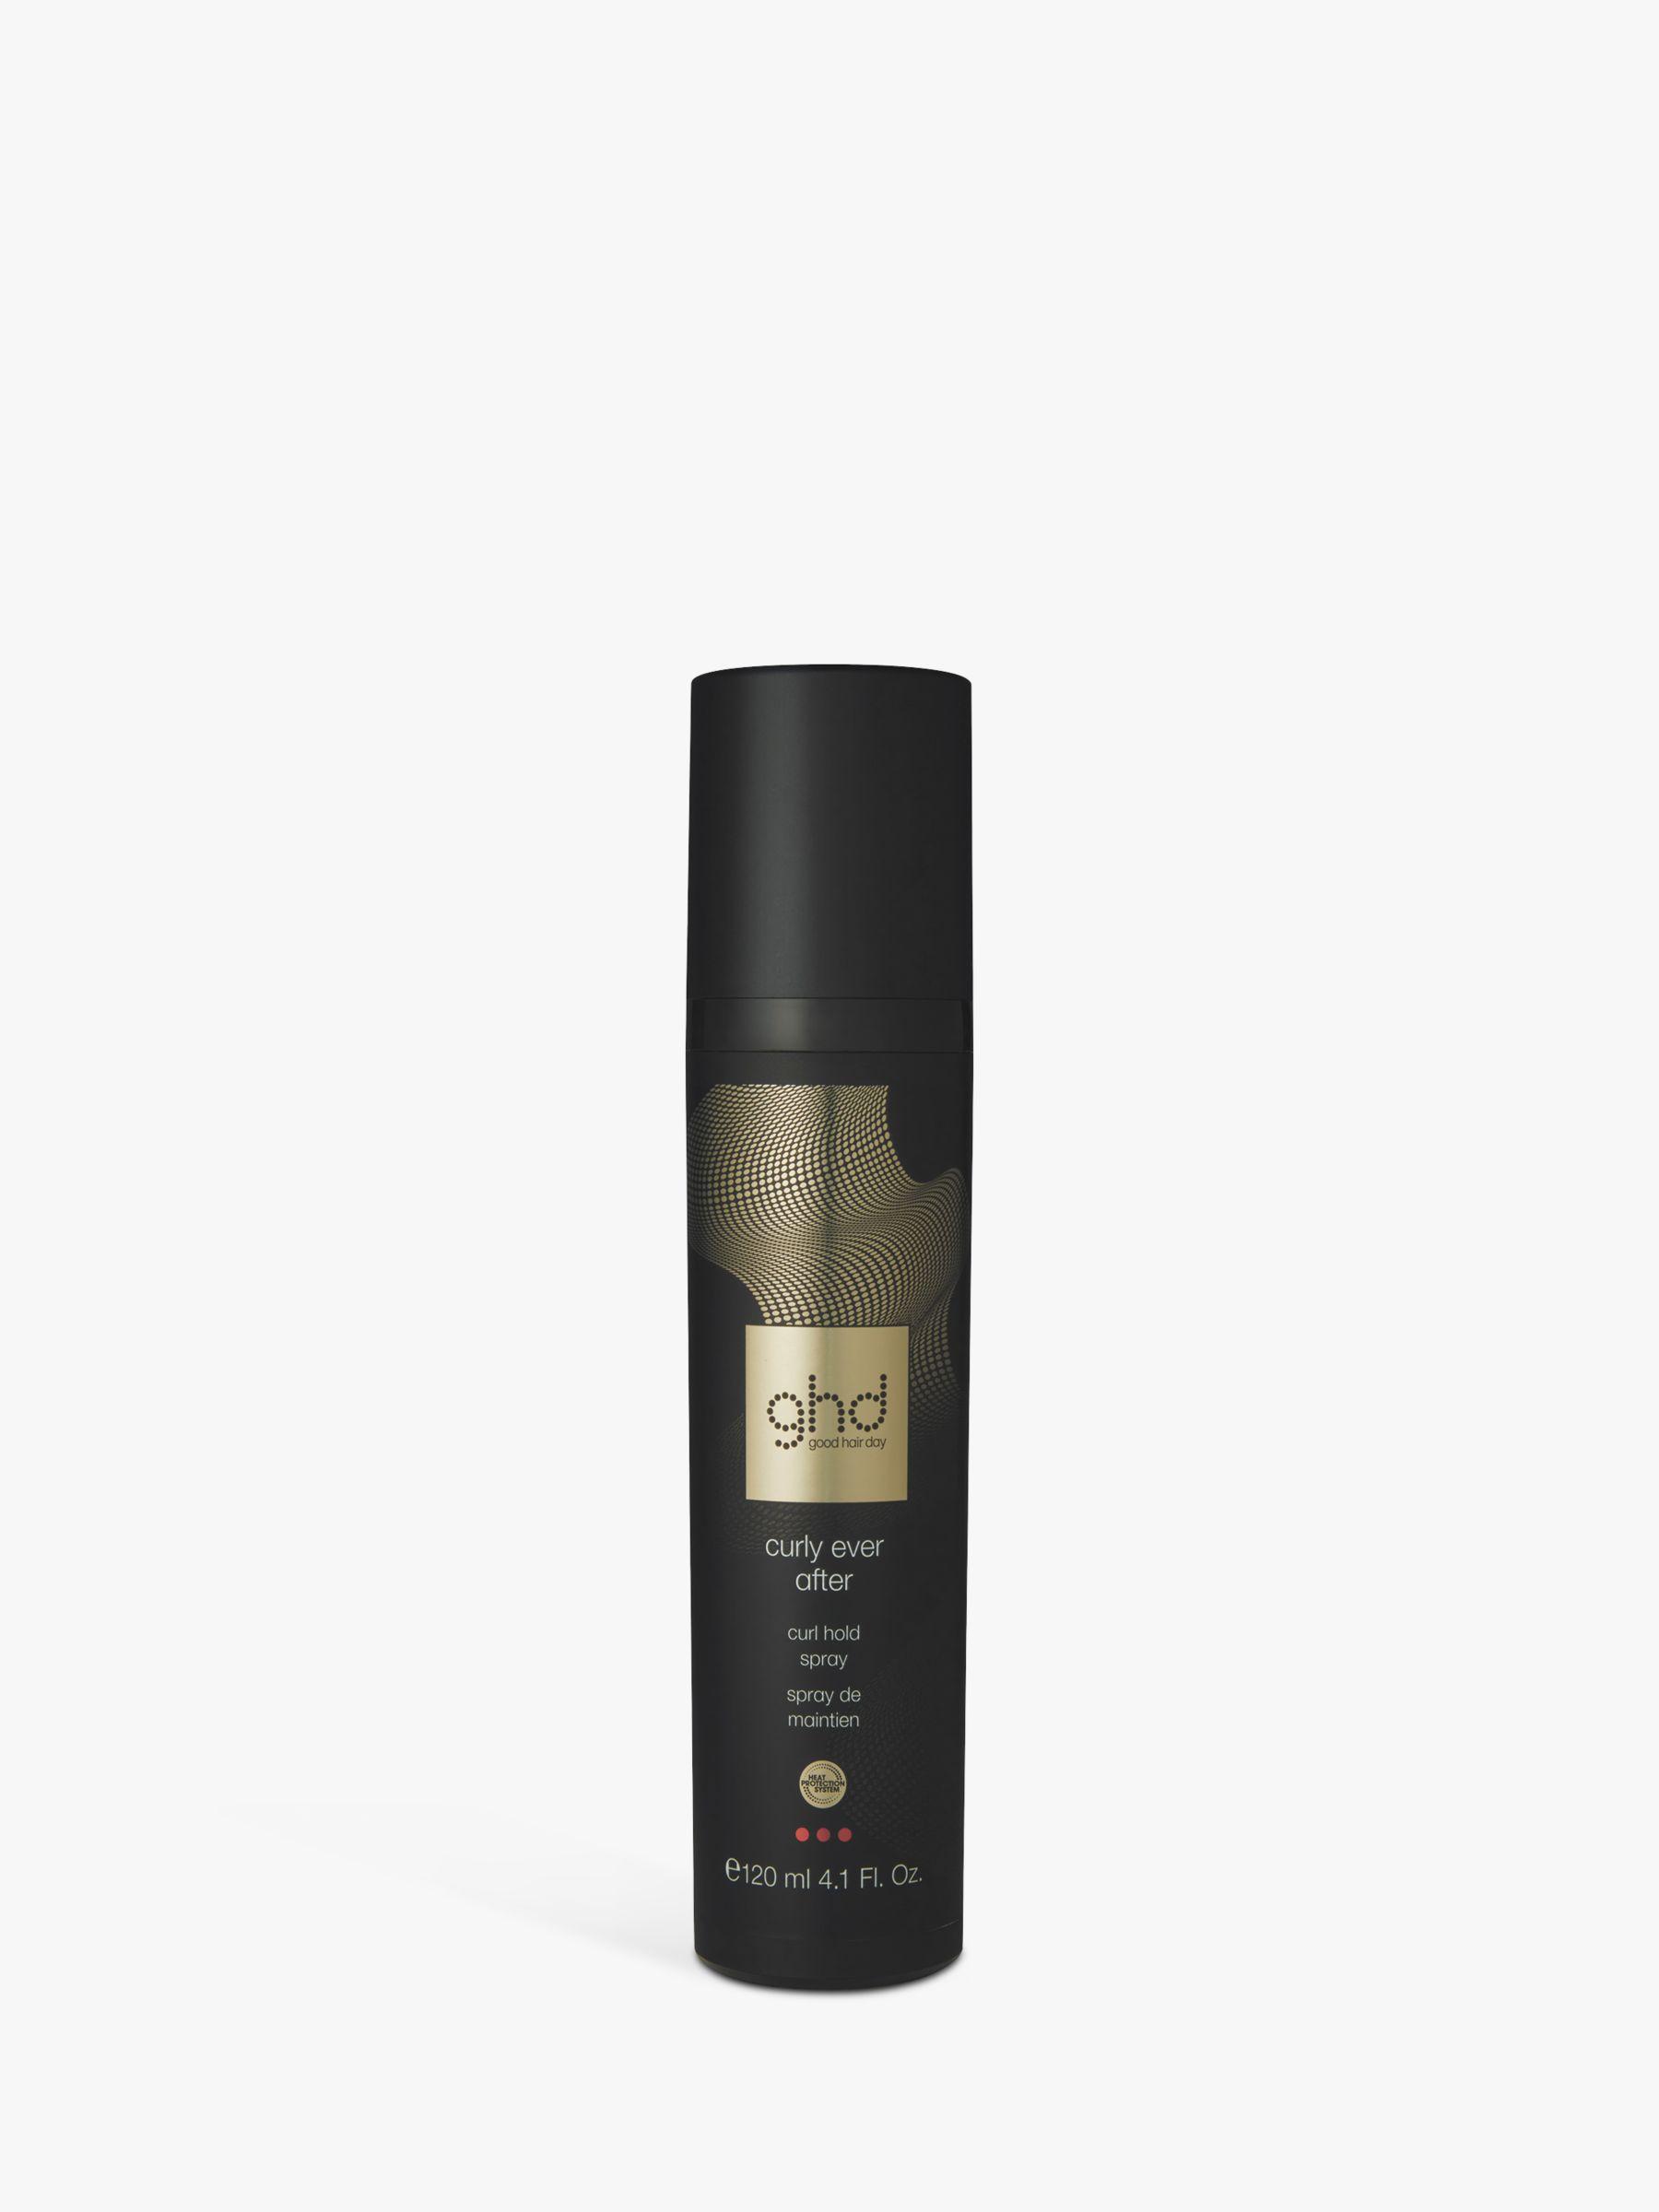 GHD ghd Curl Hold Spray, 120ml